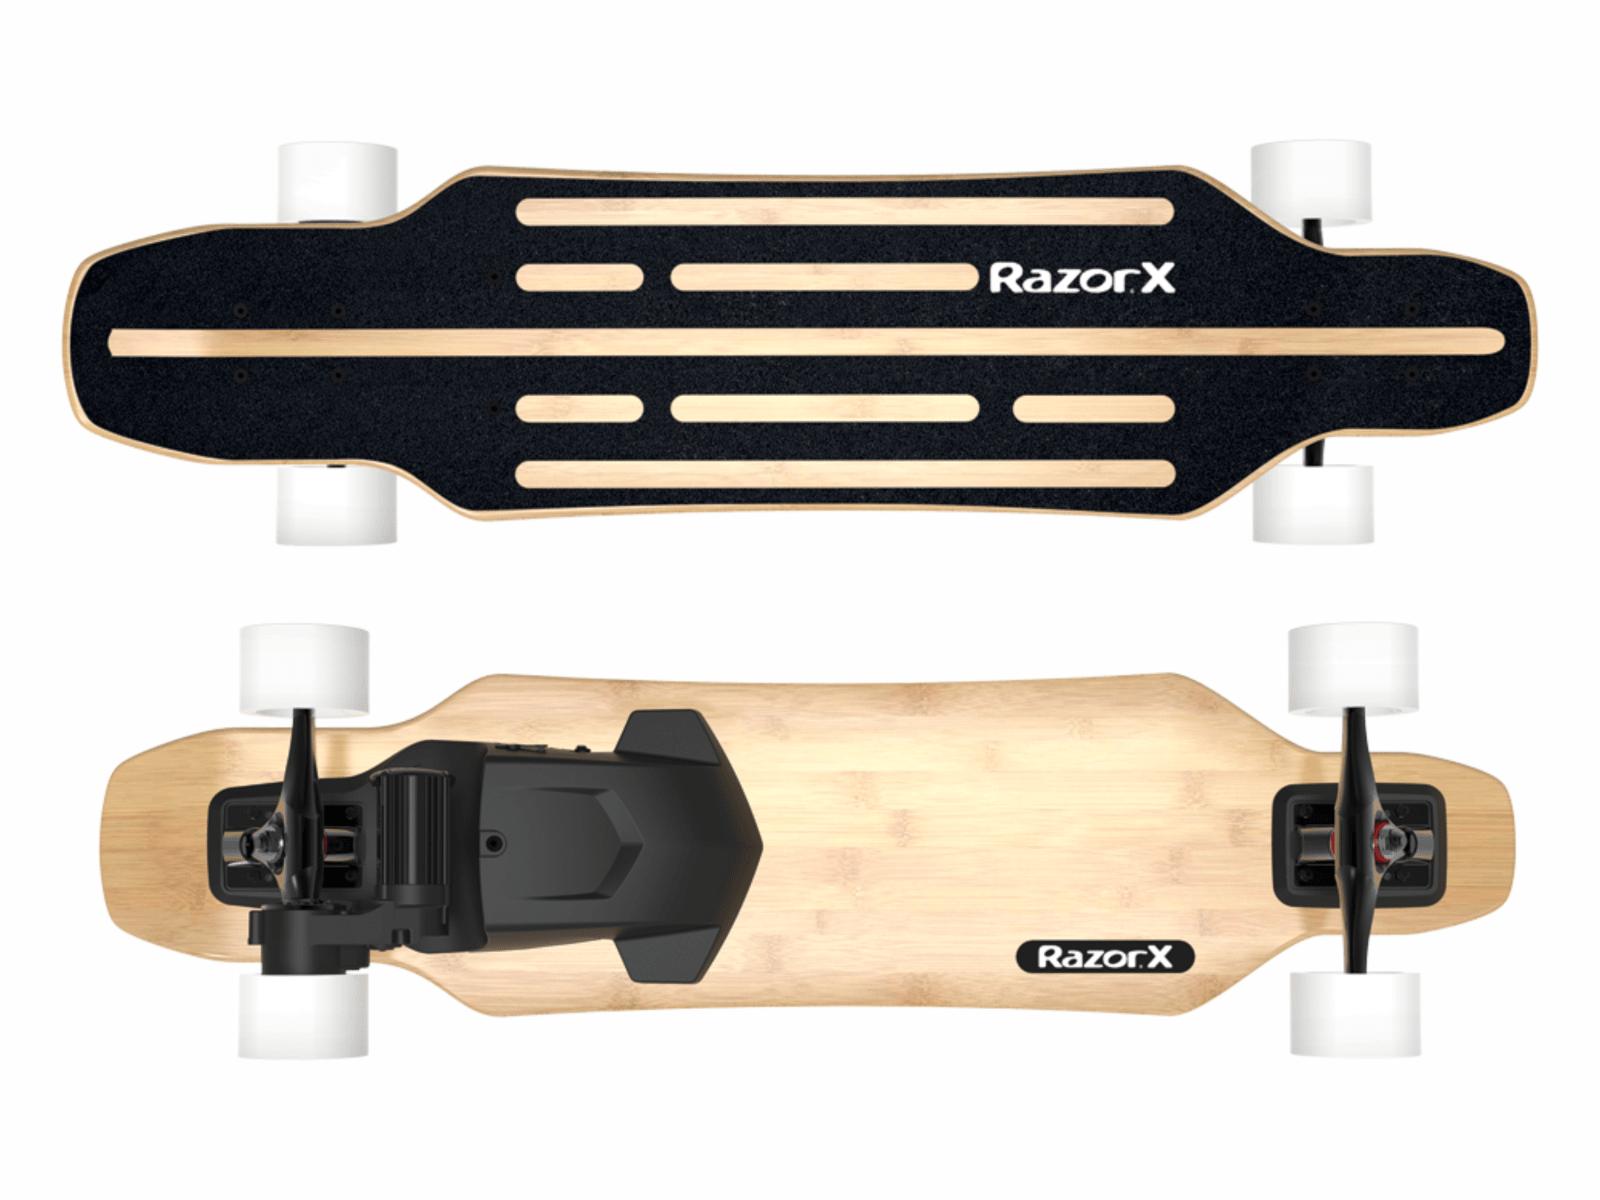 Deskorolka elektryczna Razor X1 Longboard, Selgros stacjonarnie od 18lipca